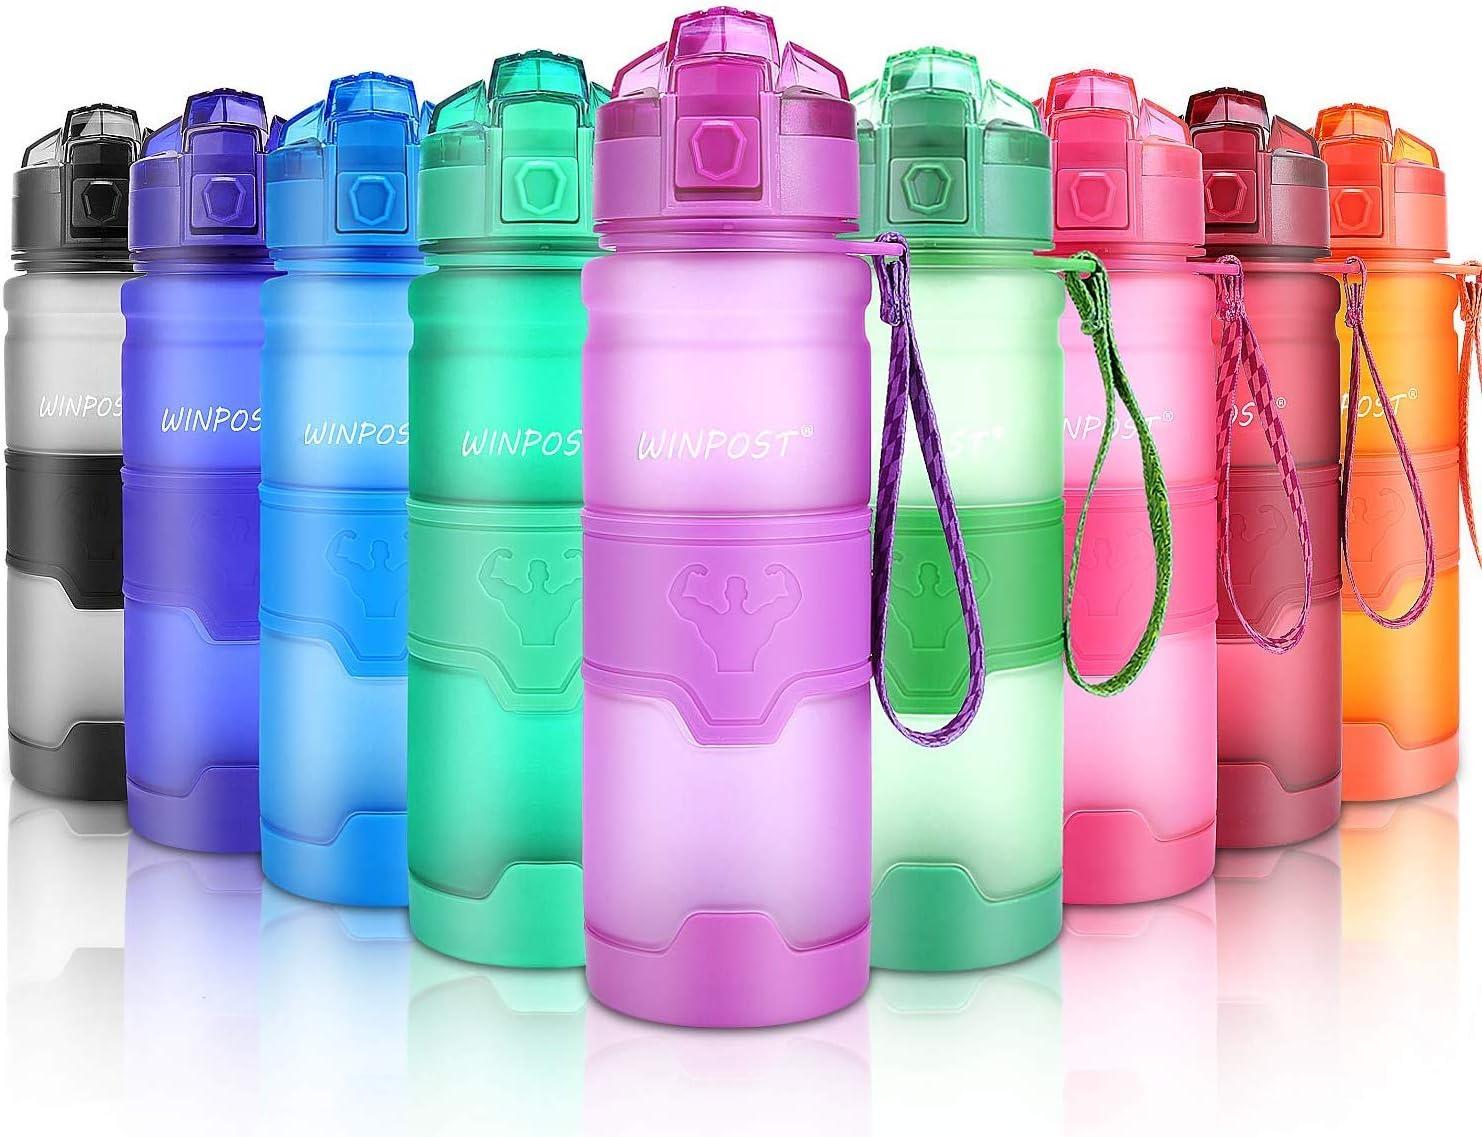 WIN-POST Botella de Agua Deporte 500ml/700ml/1l, sin bpa tritan plastico, Reutilizables a Prueba de Fugas Botellas Potable con Filtro para niños, Colegio, Sport, Gimnasio, Trekking, Bicicleta